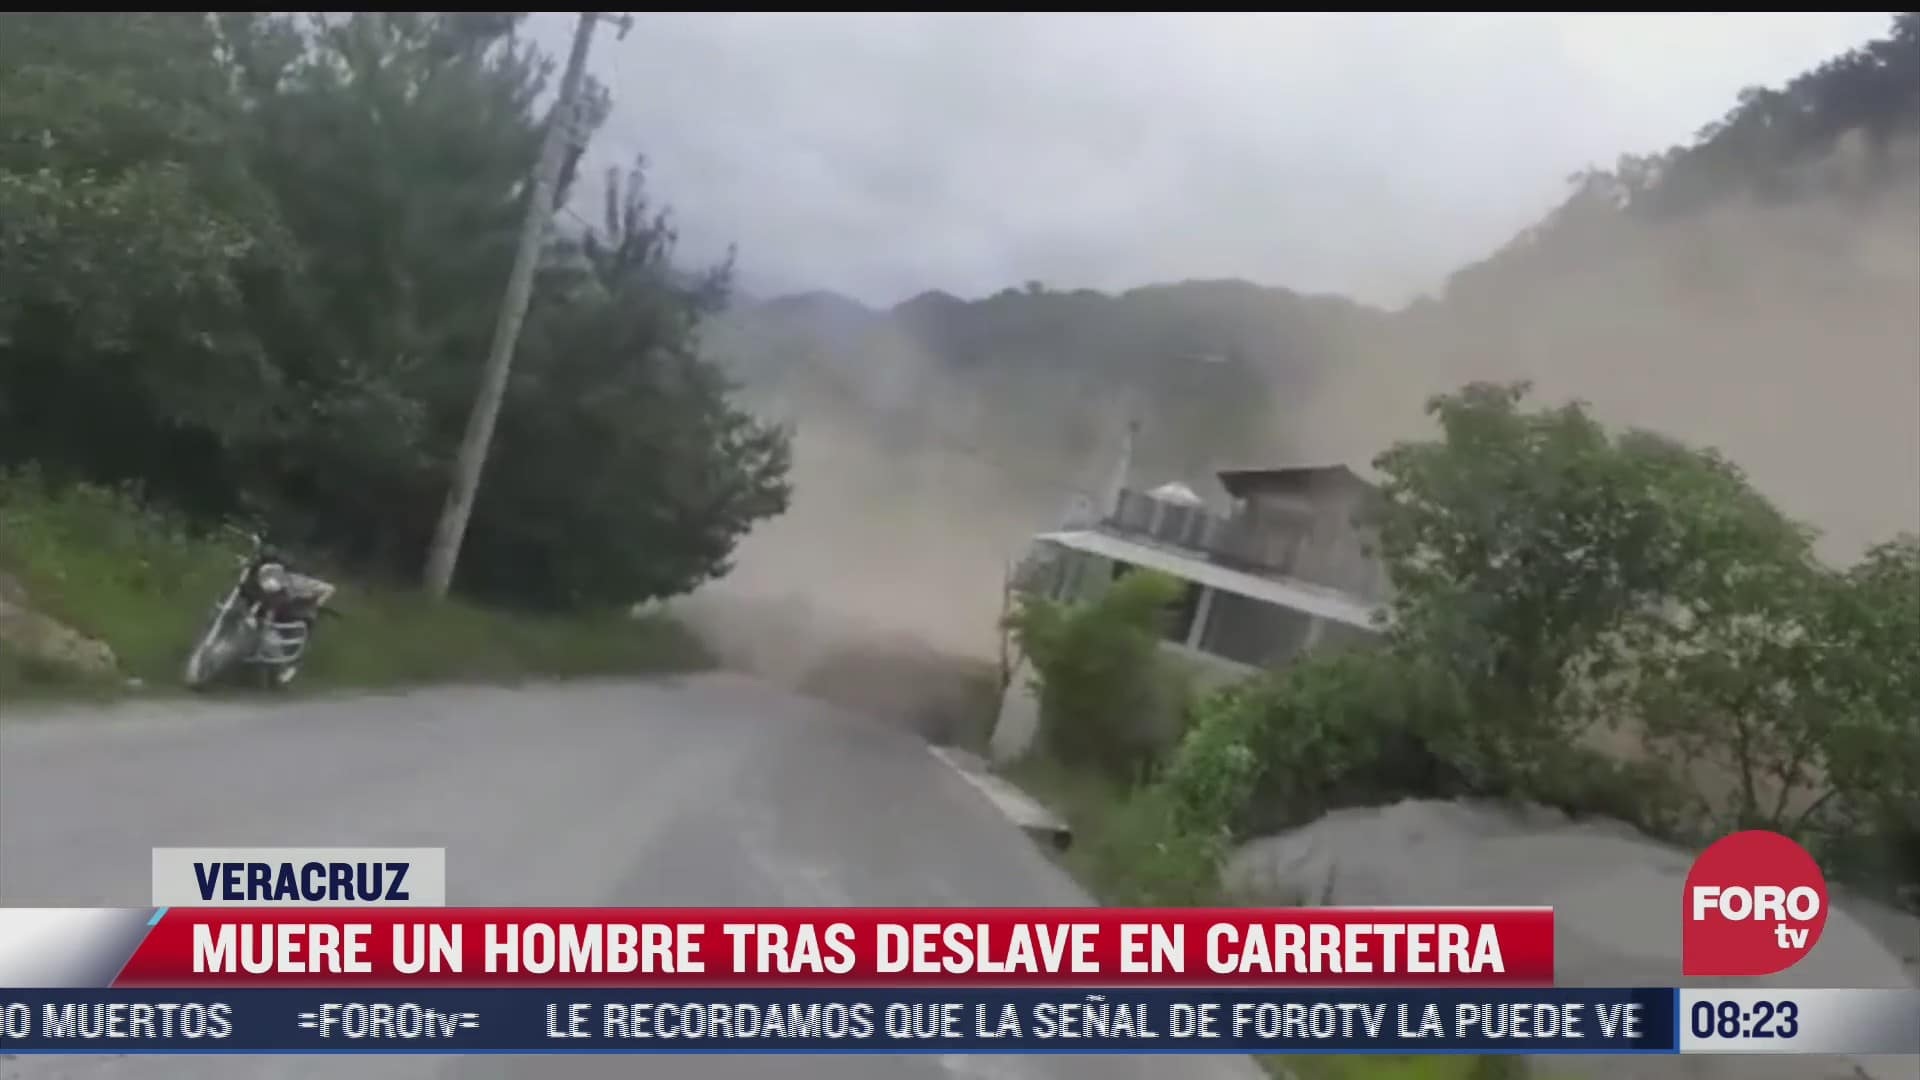 muere una persona tras derrumbe en carretera de veracruz